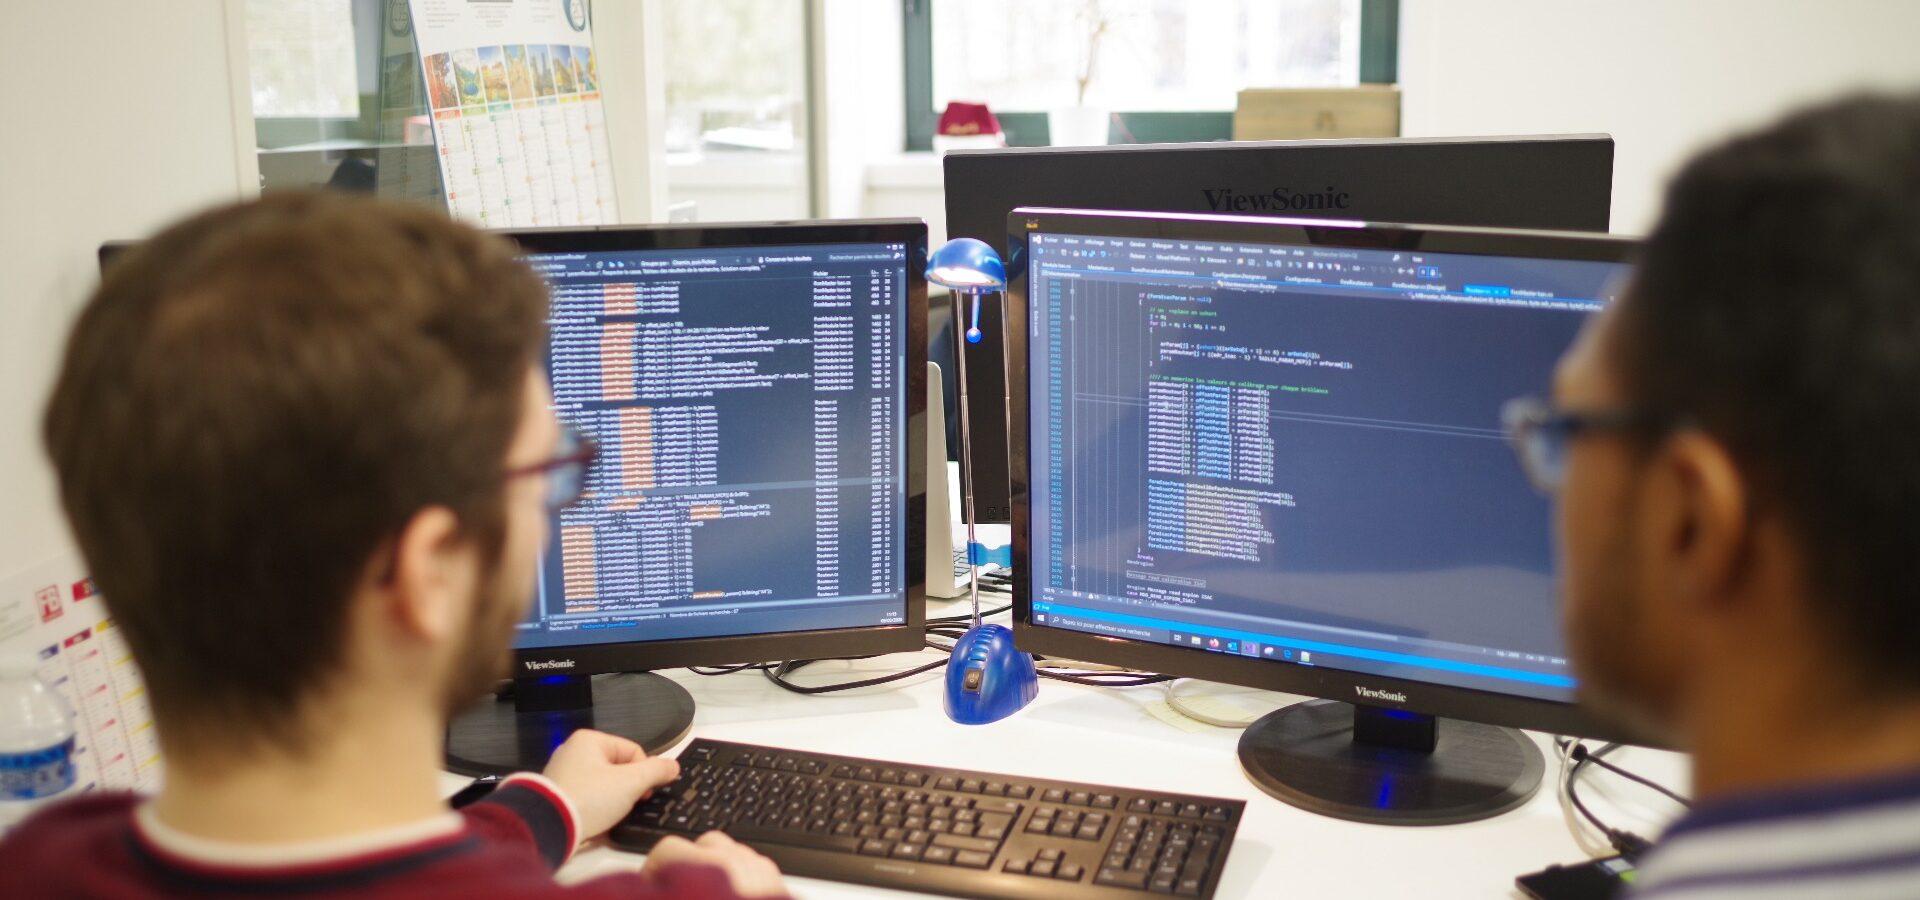 Deux hommes de dos regardent deux écrans avec des lignes de codes